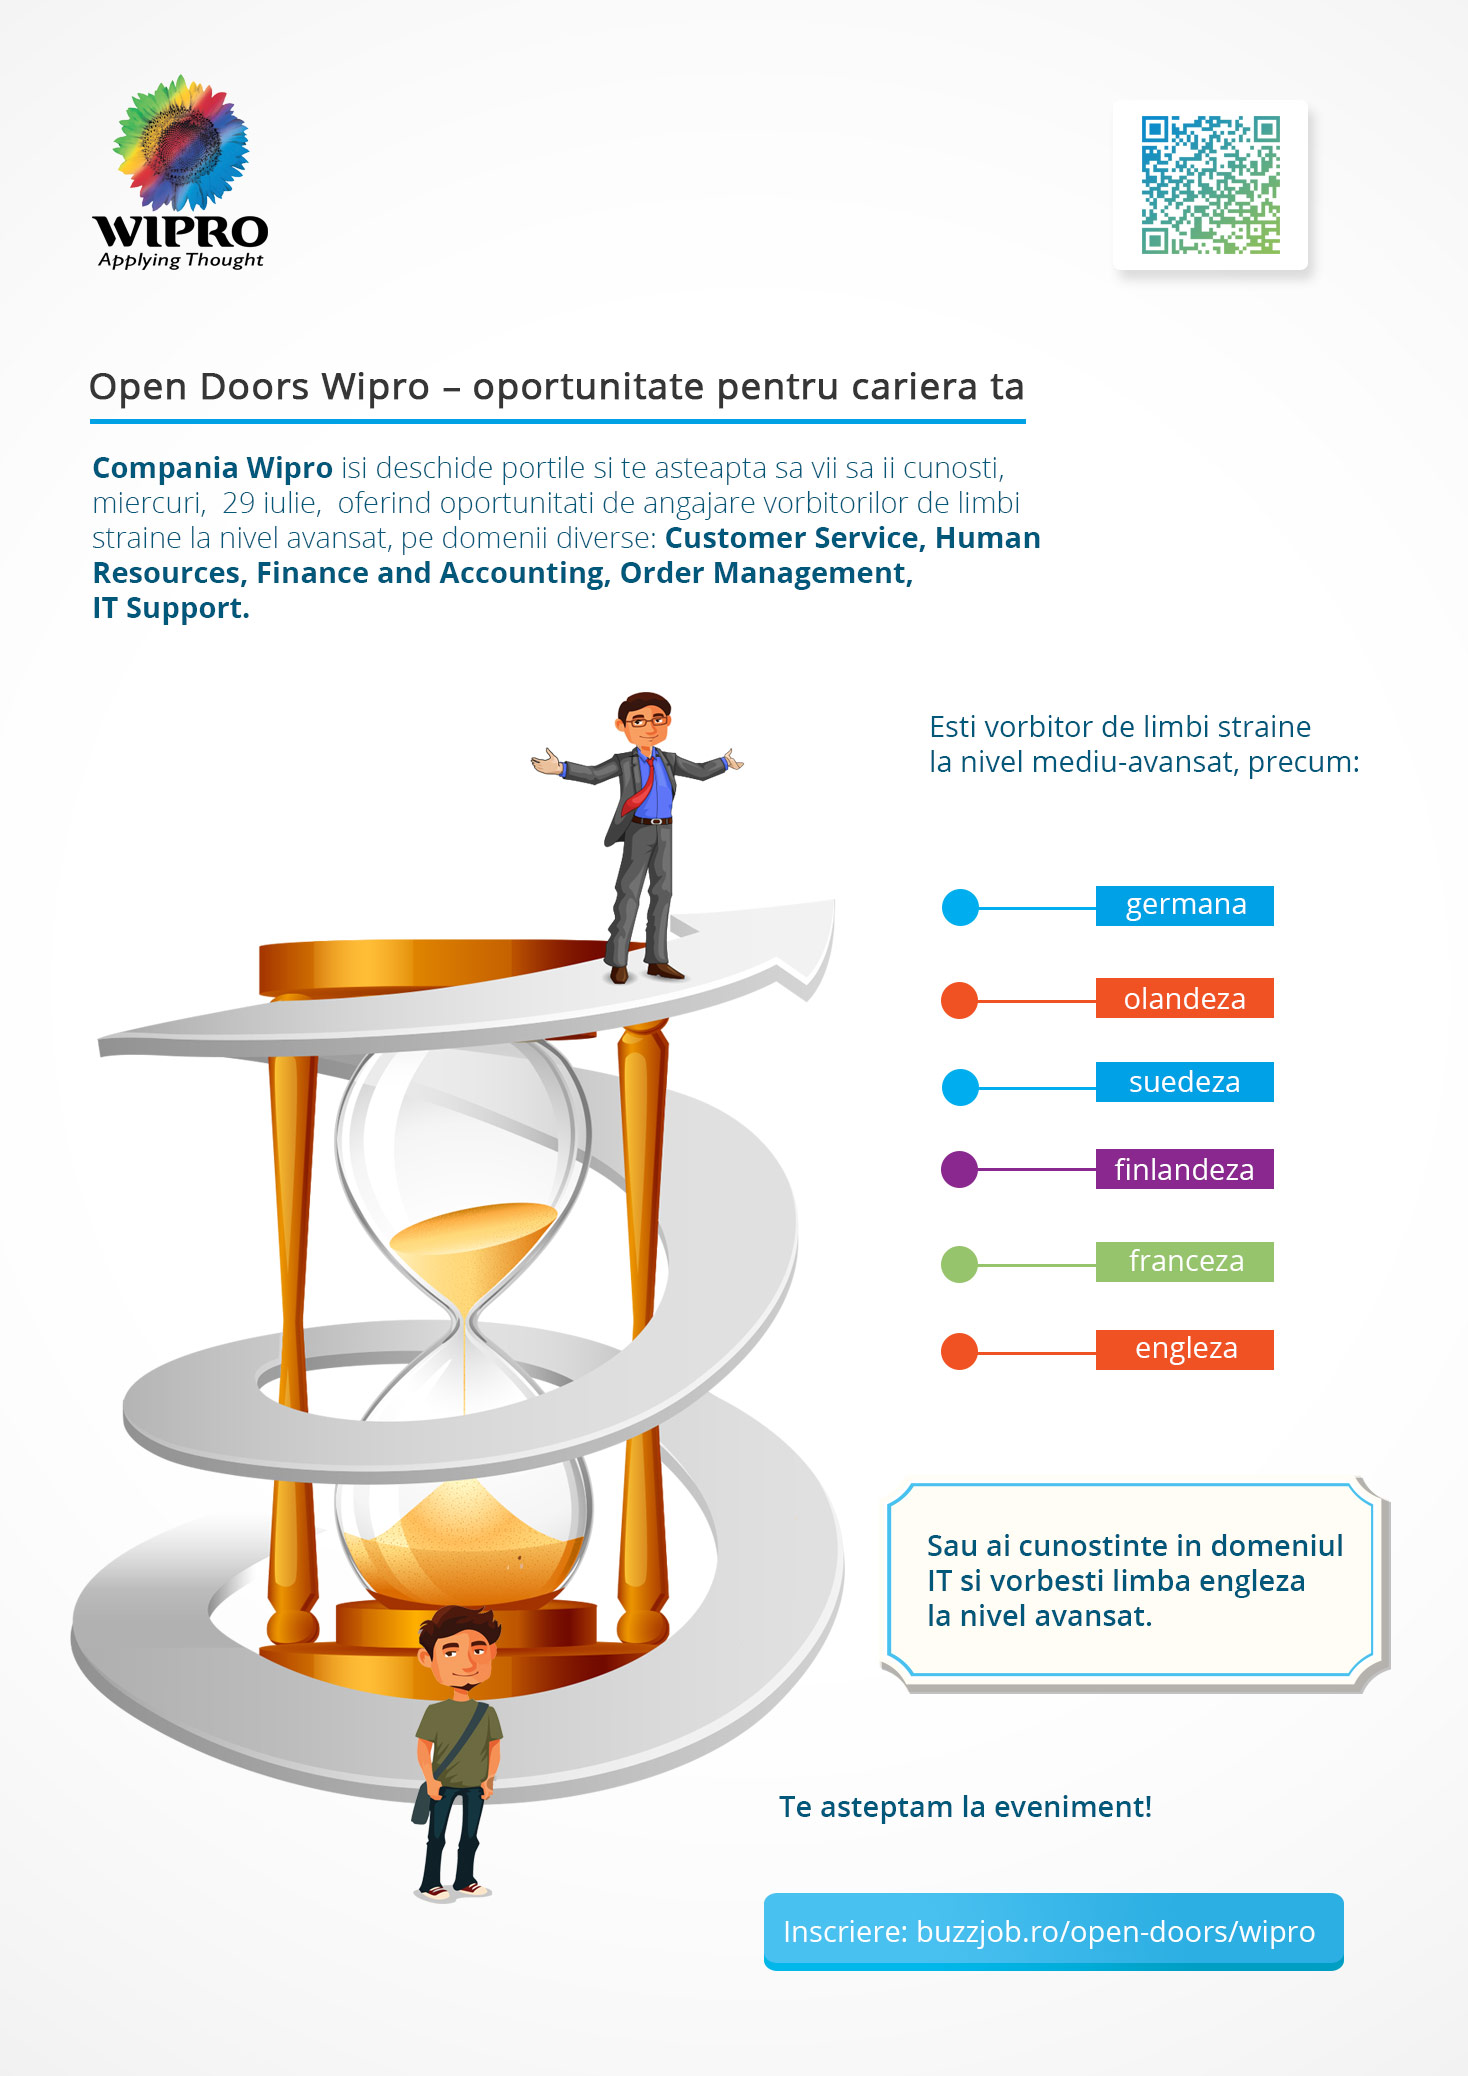 OPEN DOORS WIPRO – Oportunitati de angajare pentru vorbitorii de limbi straine